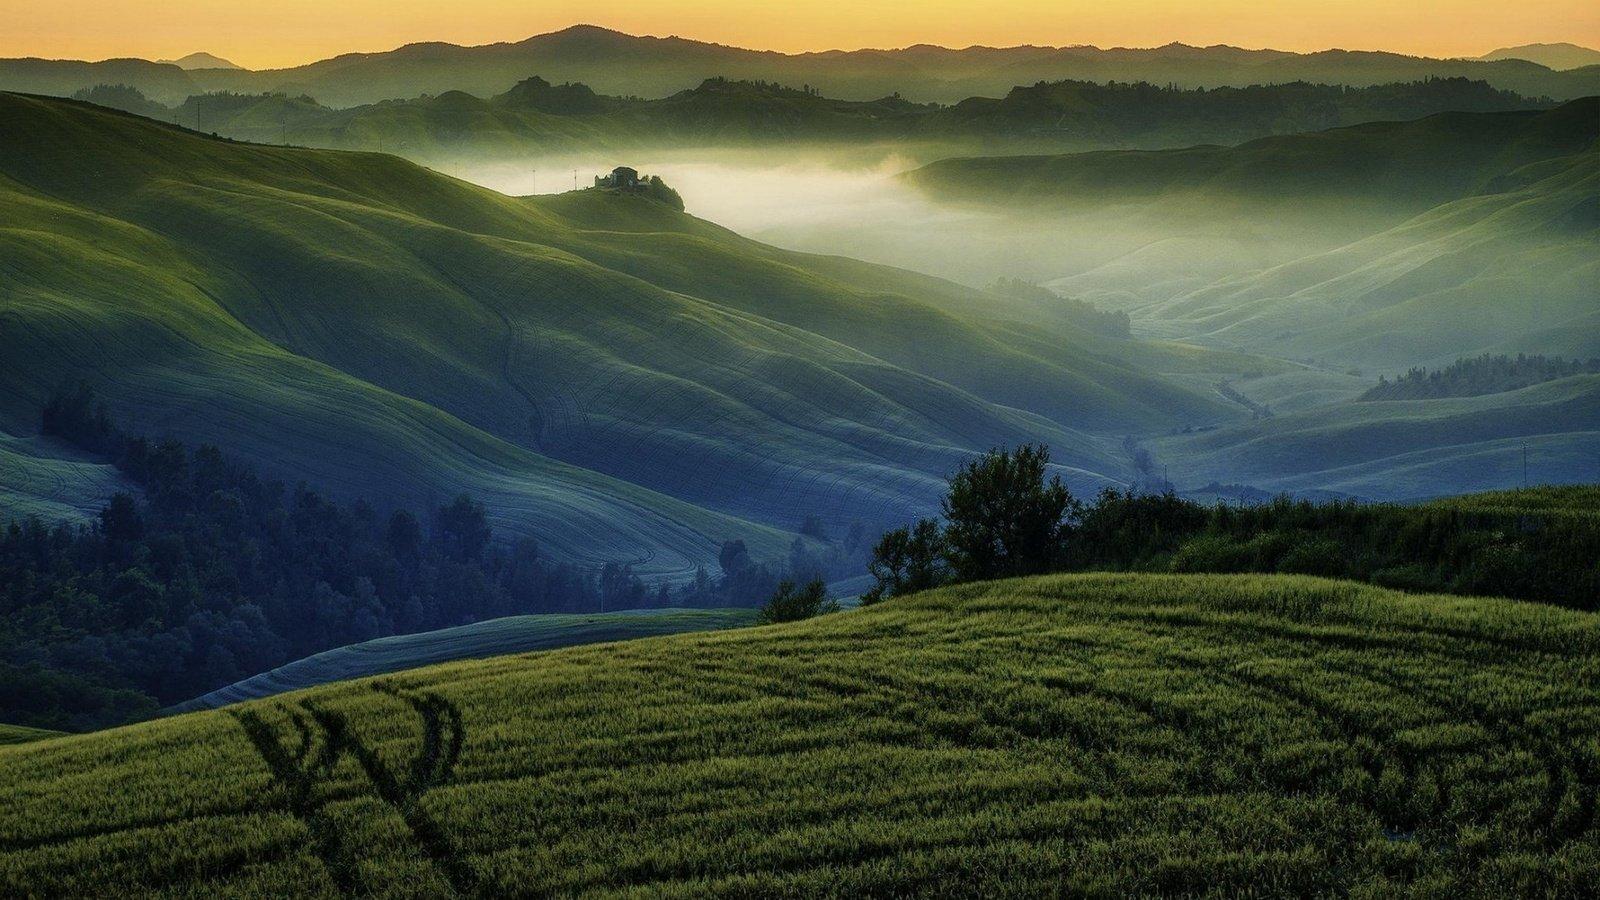 холмы долина дорожка hills valley track бесплатно